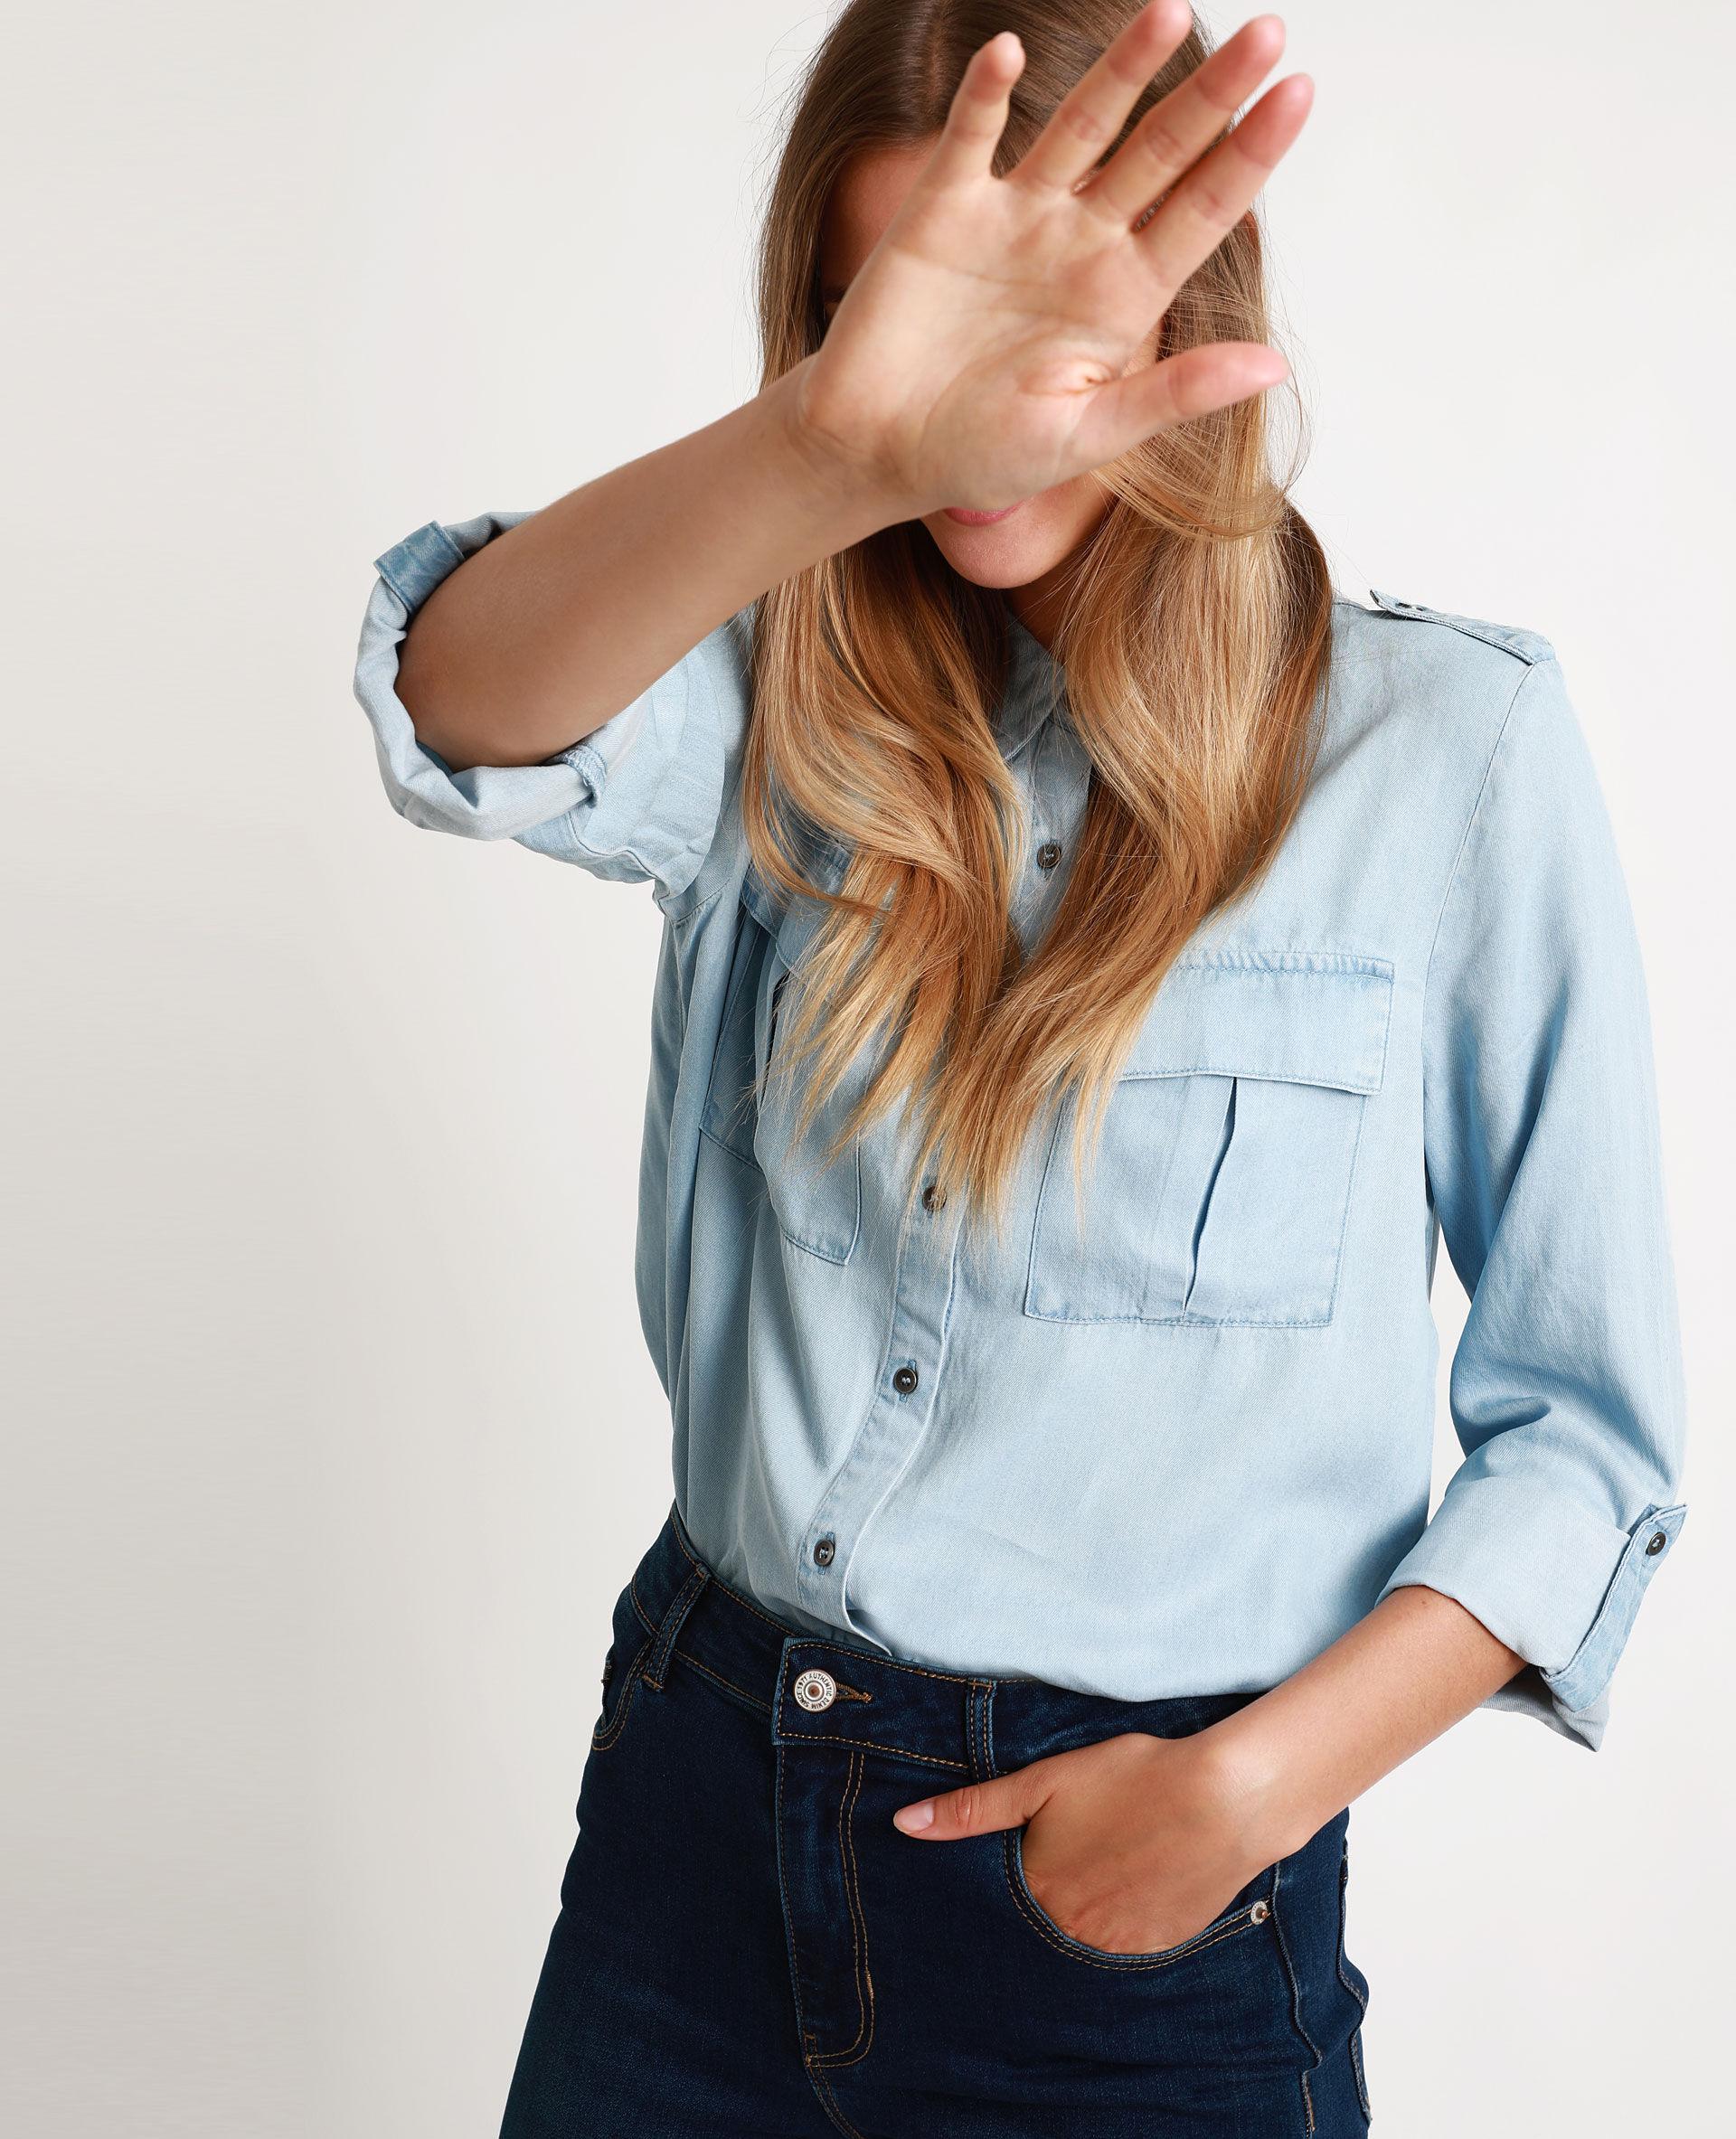 Chemise en jean Femme - Couleur bleu clair - Taille 40 - PIMKIE - MODE FEMME